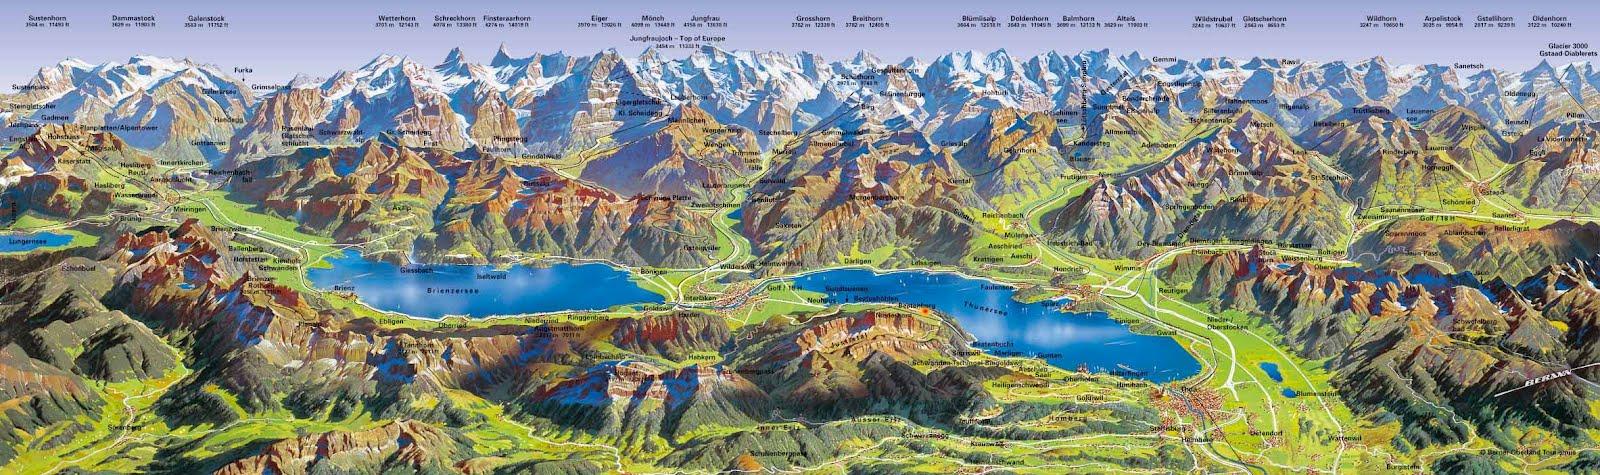 Adhemar la navigation sur le lac de brienz suisse - Lac de brienz ...